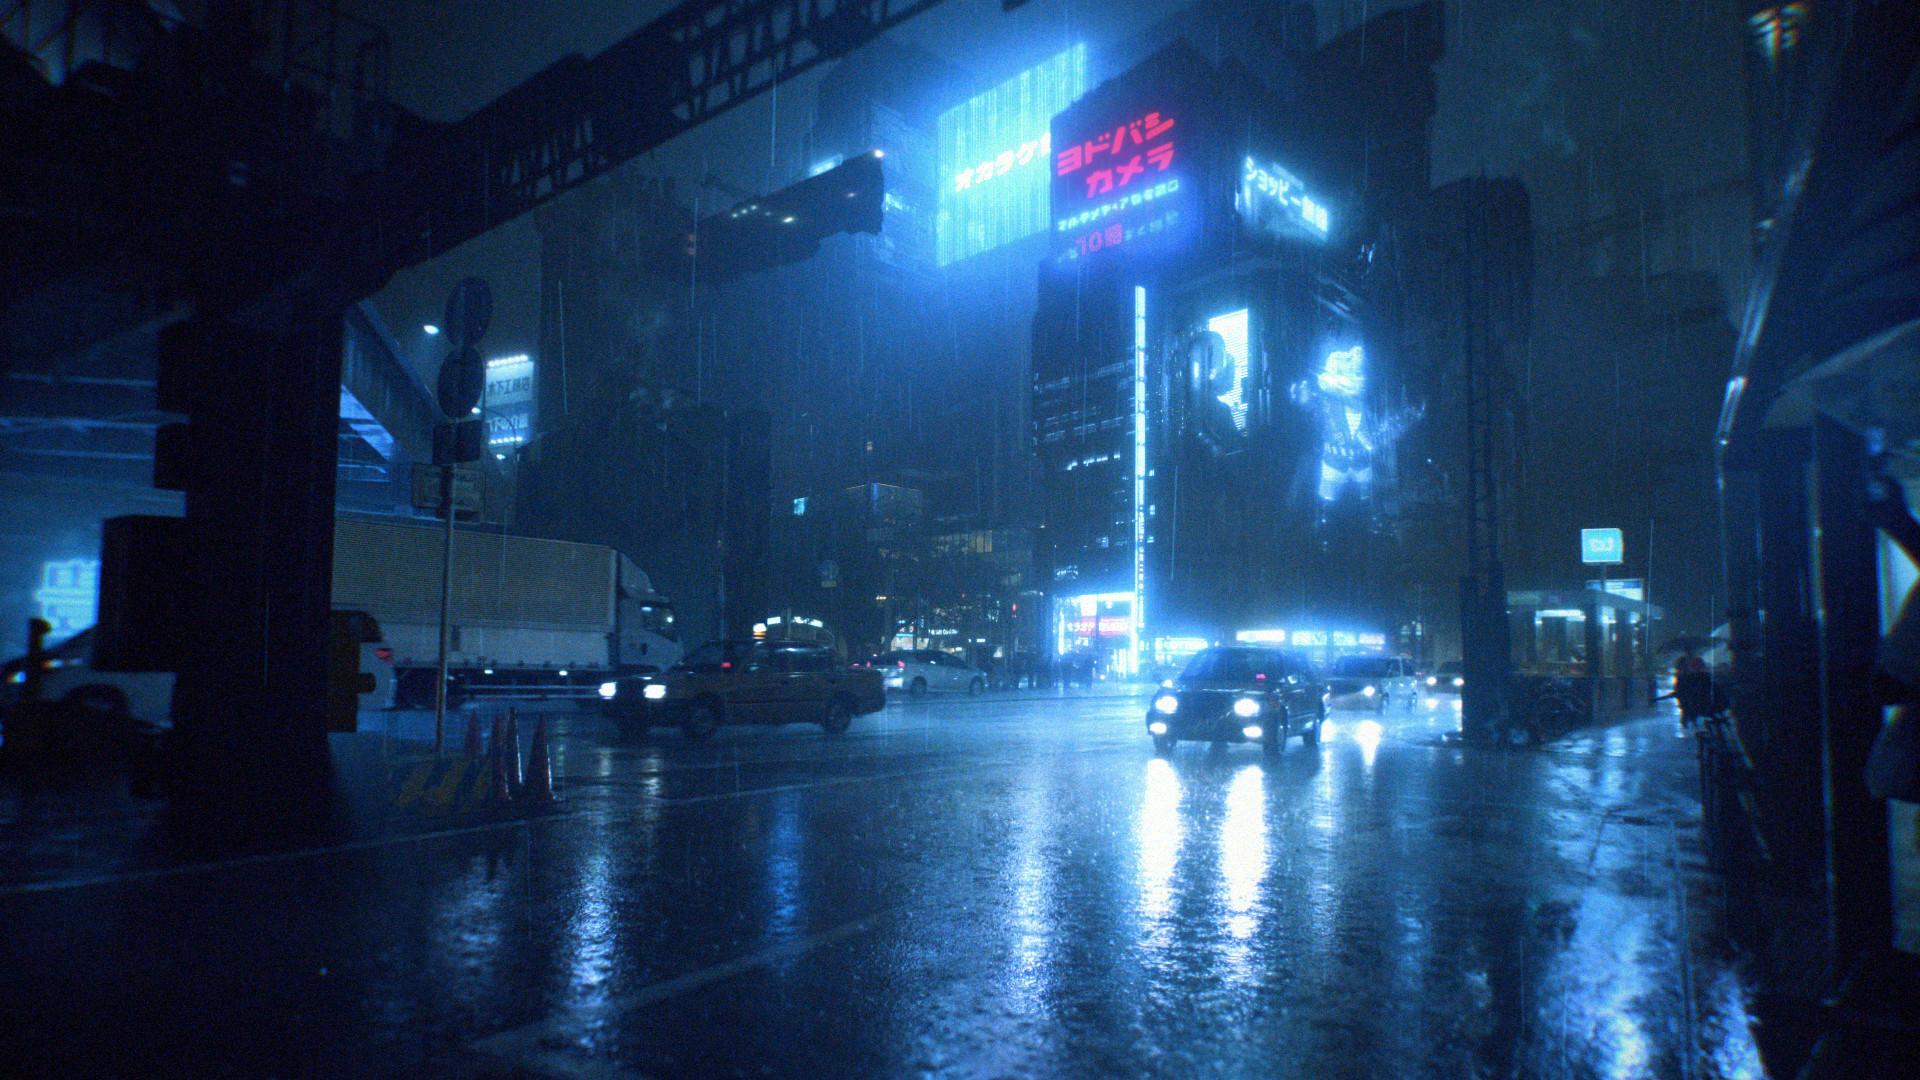 ArtStation - SCI-FI JAPAN VFX, Masashi Imagawa